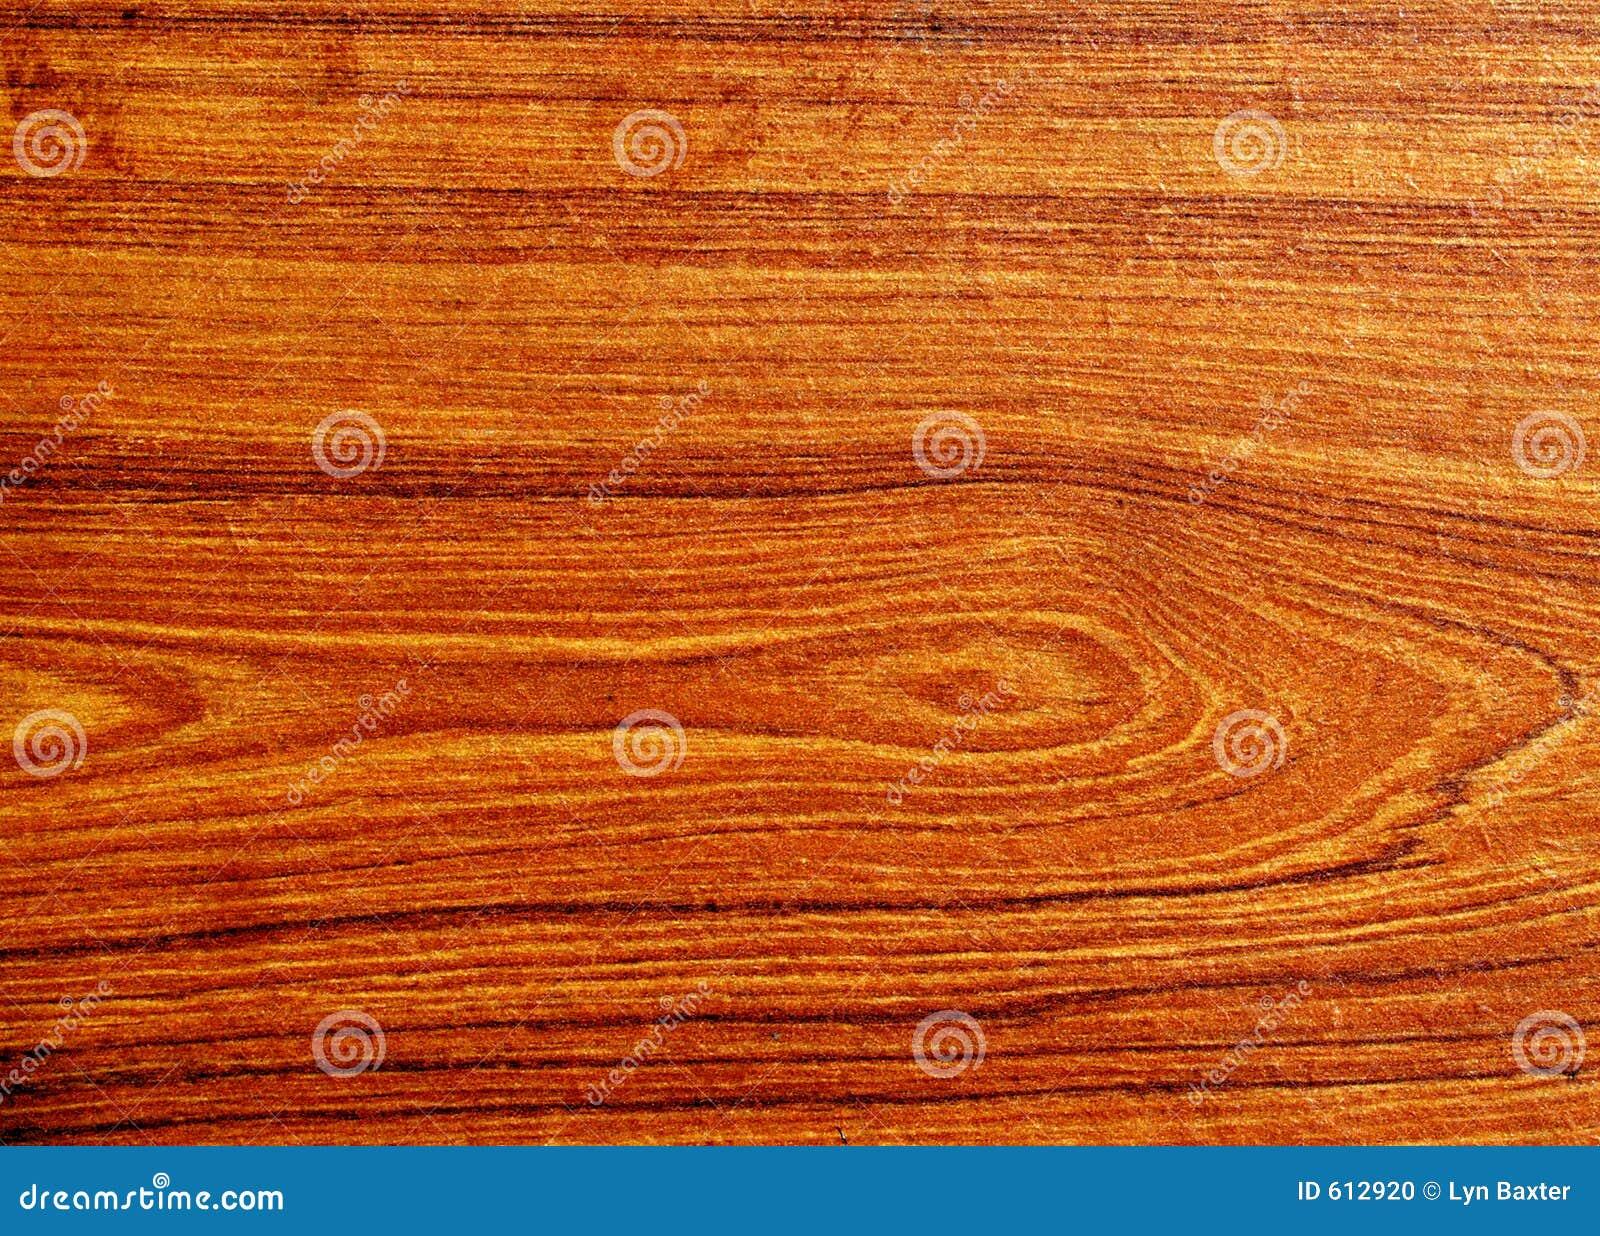 Fondo de madera foto de archivo imagen de extracto - Fotos en madera ...